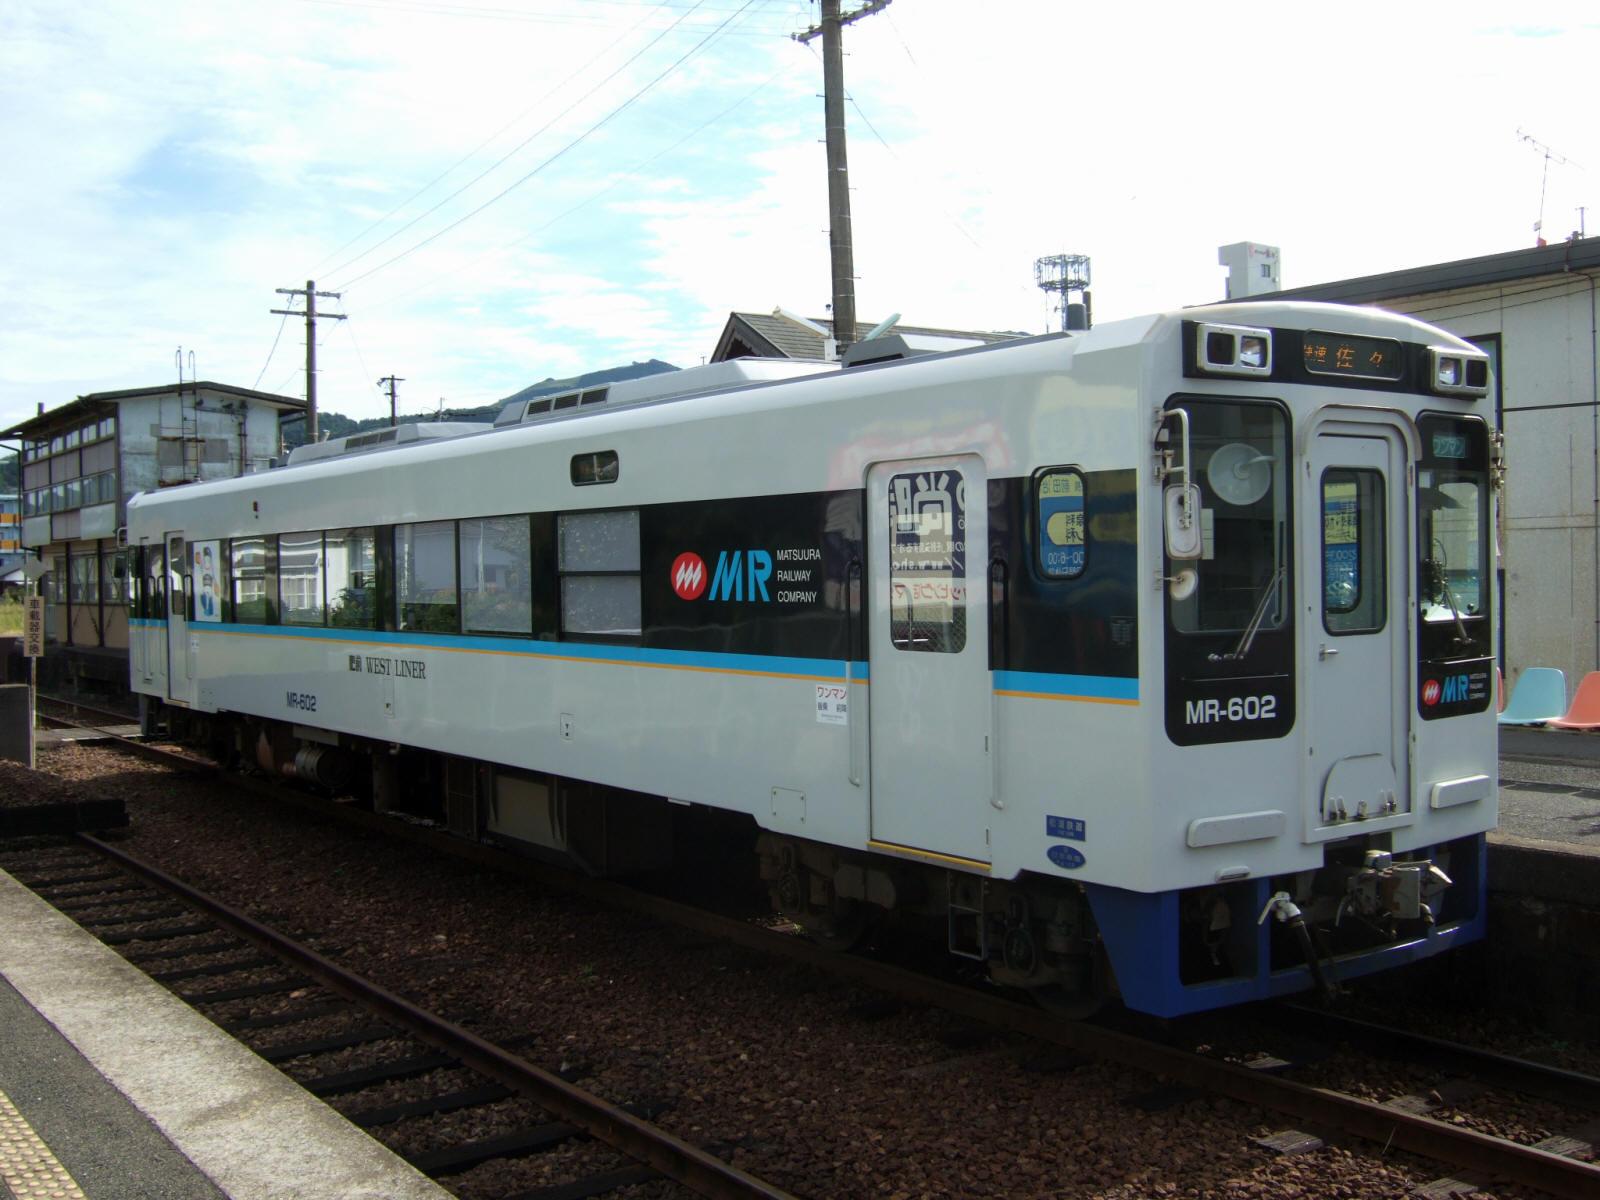 松浦鉄道 - Wikipedia